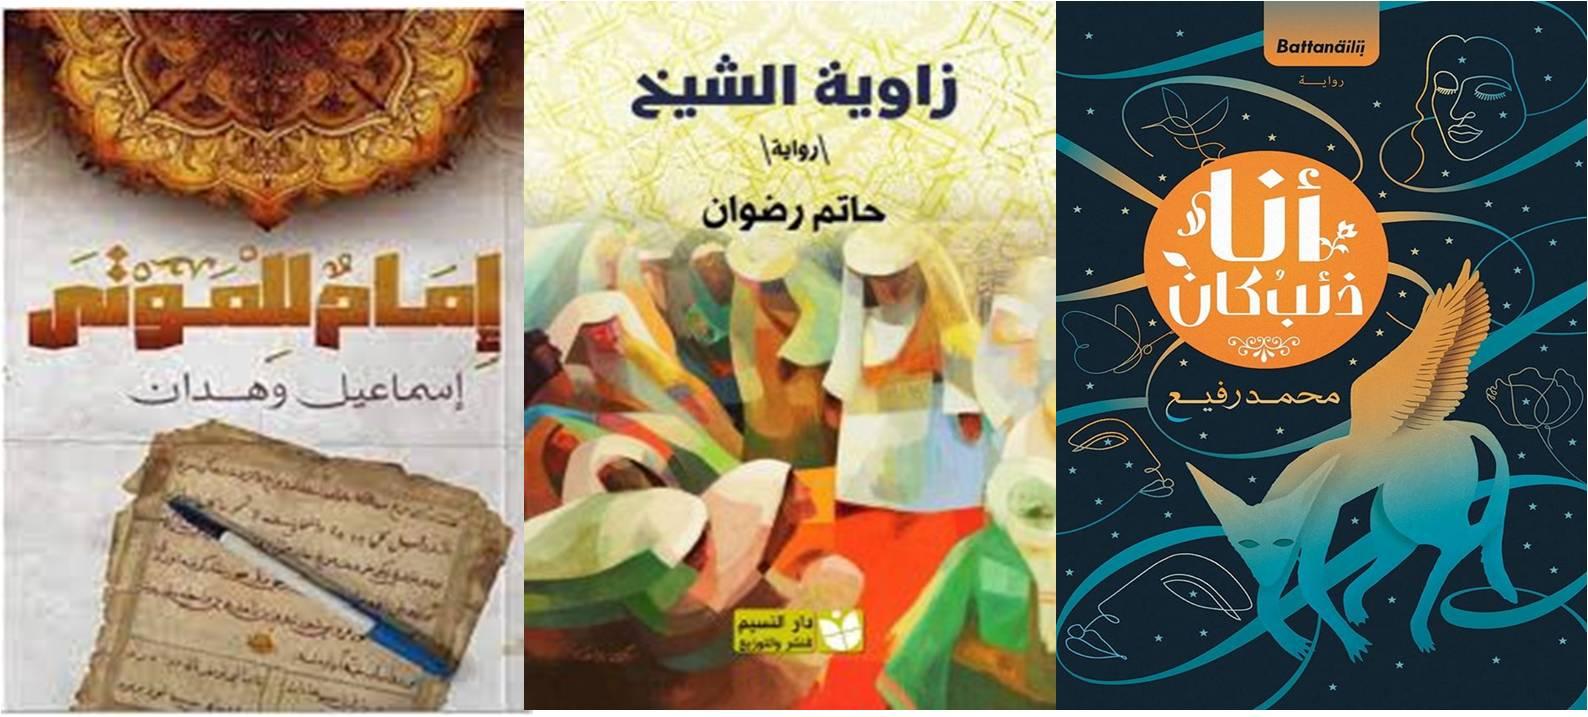 روايات محمد رفيع وحاتم رضوان وإسماعيل وهدان في برنامج  كلمات  على النيل الثقافية